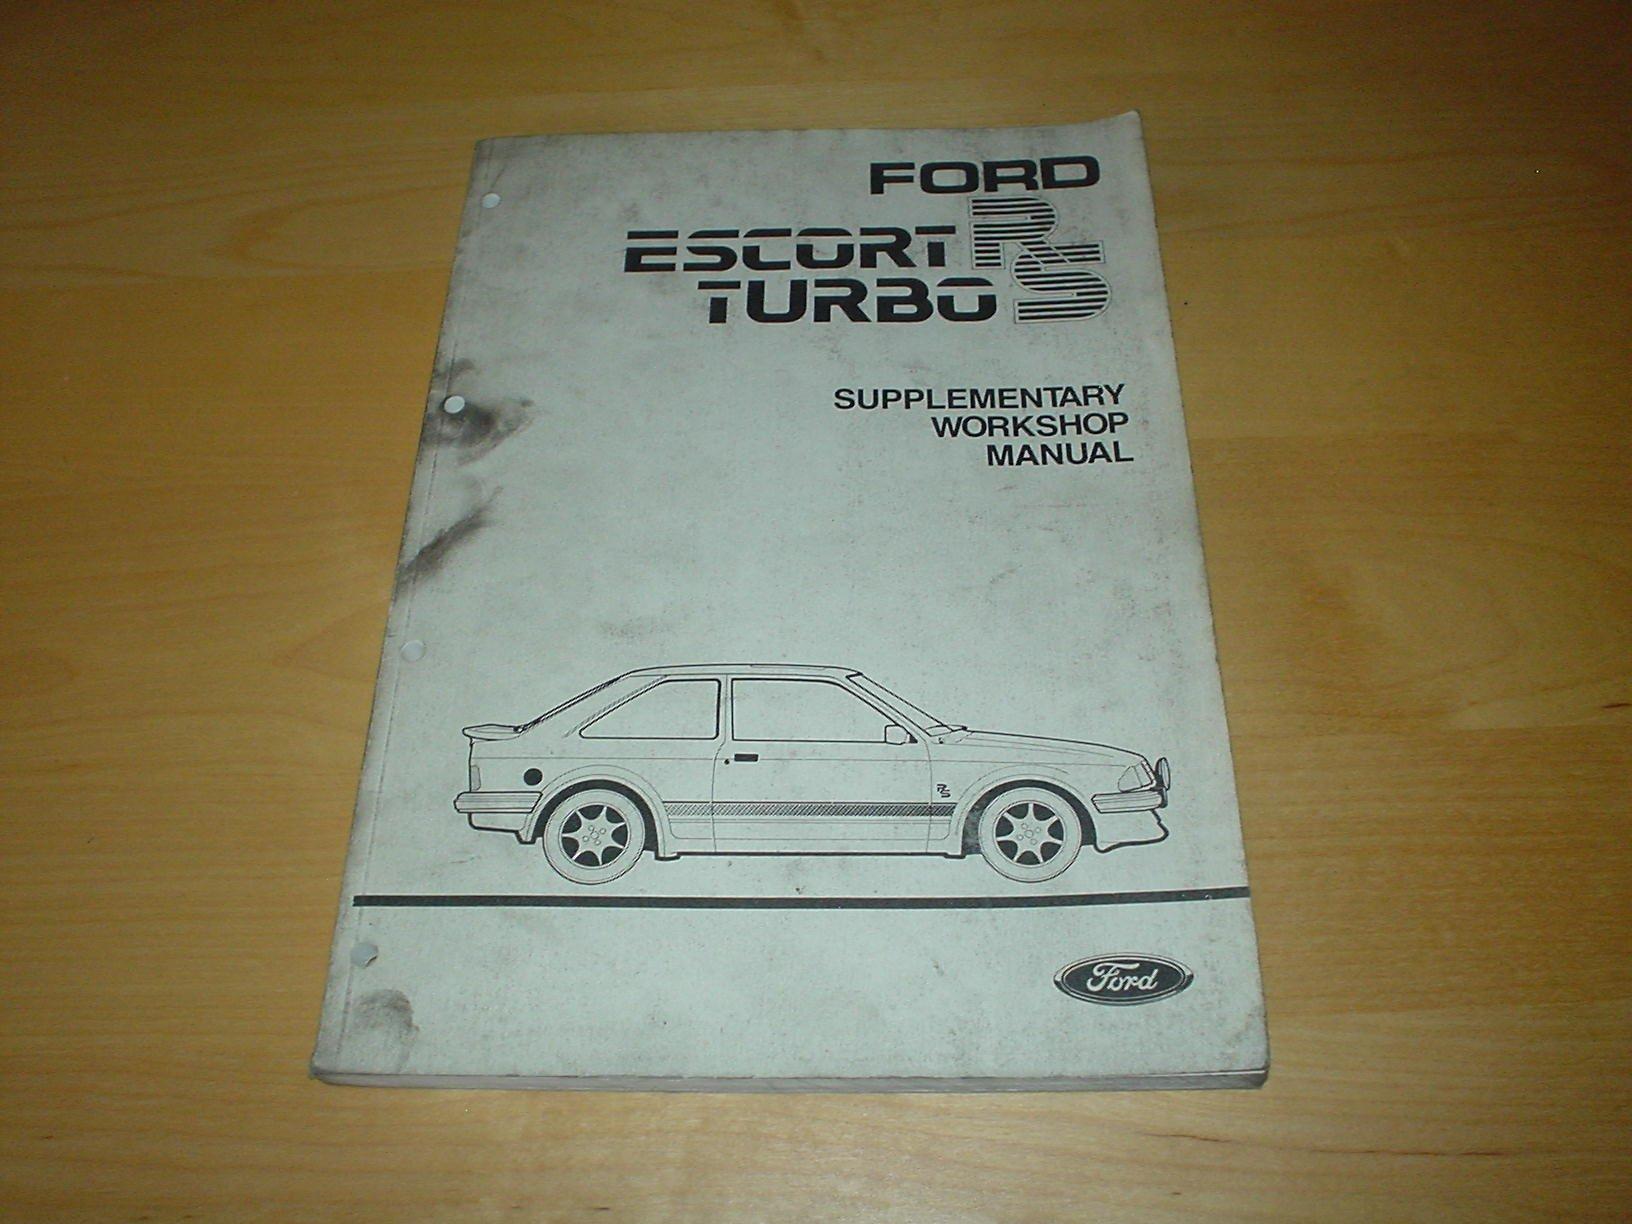 FORD ESCORT RS TURBO WORKSHOP MANUAL - (OWNER'S REPAIR HAND BOOK HANDBOOK  MANUAL): Amazon.co.uk: Books